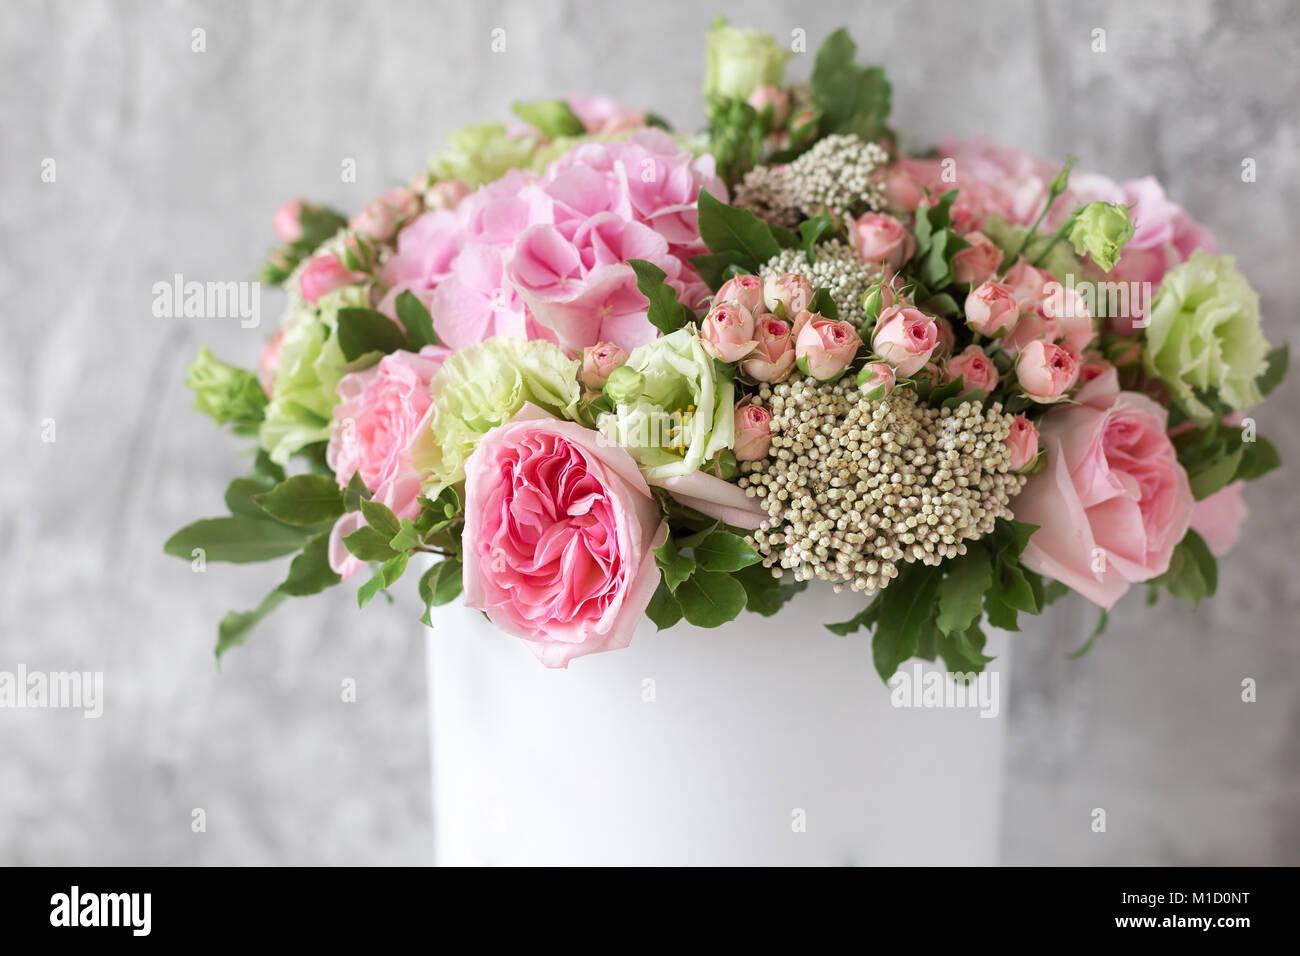 Offres Magnifique Bouquet De Fleurs En Boite Blanche Sur Gris Avec